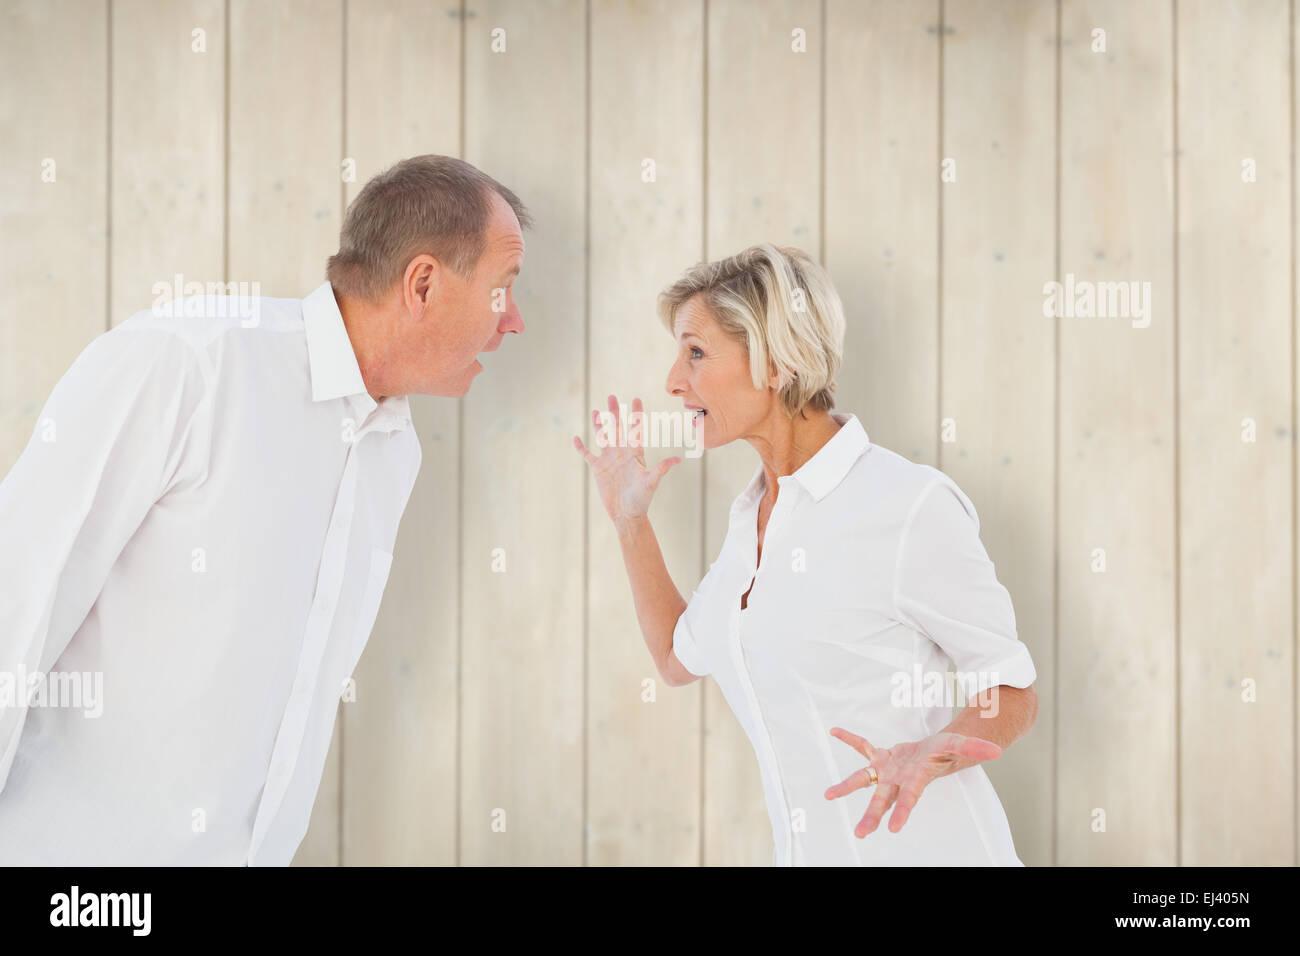 Imagen compuesta de enojado pareja de ancianos discutiendo entre sí Imagen De Stock